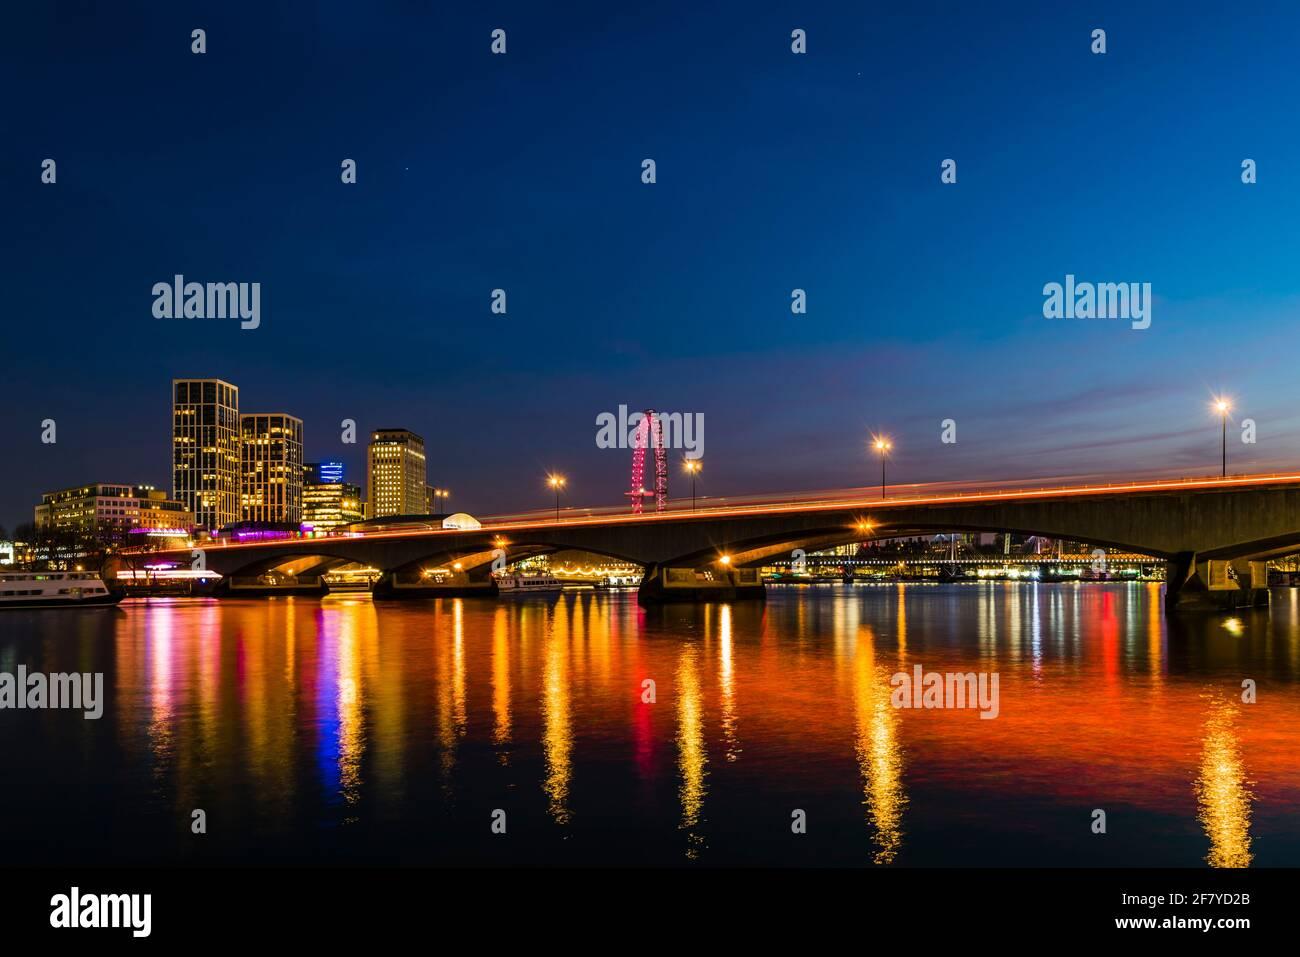 Vista a primera hora de la tarde de las luces del puente Waterloo sobre el río Támesis, Londres, Reino Unido Foto de stock